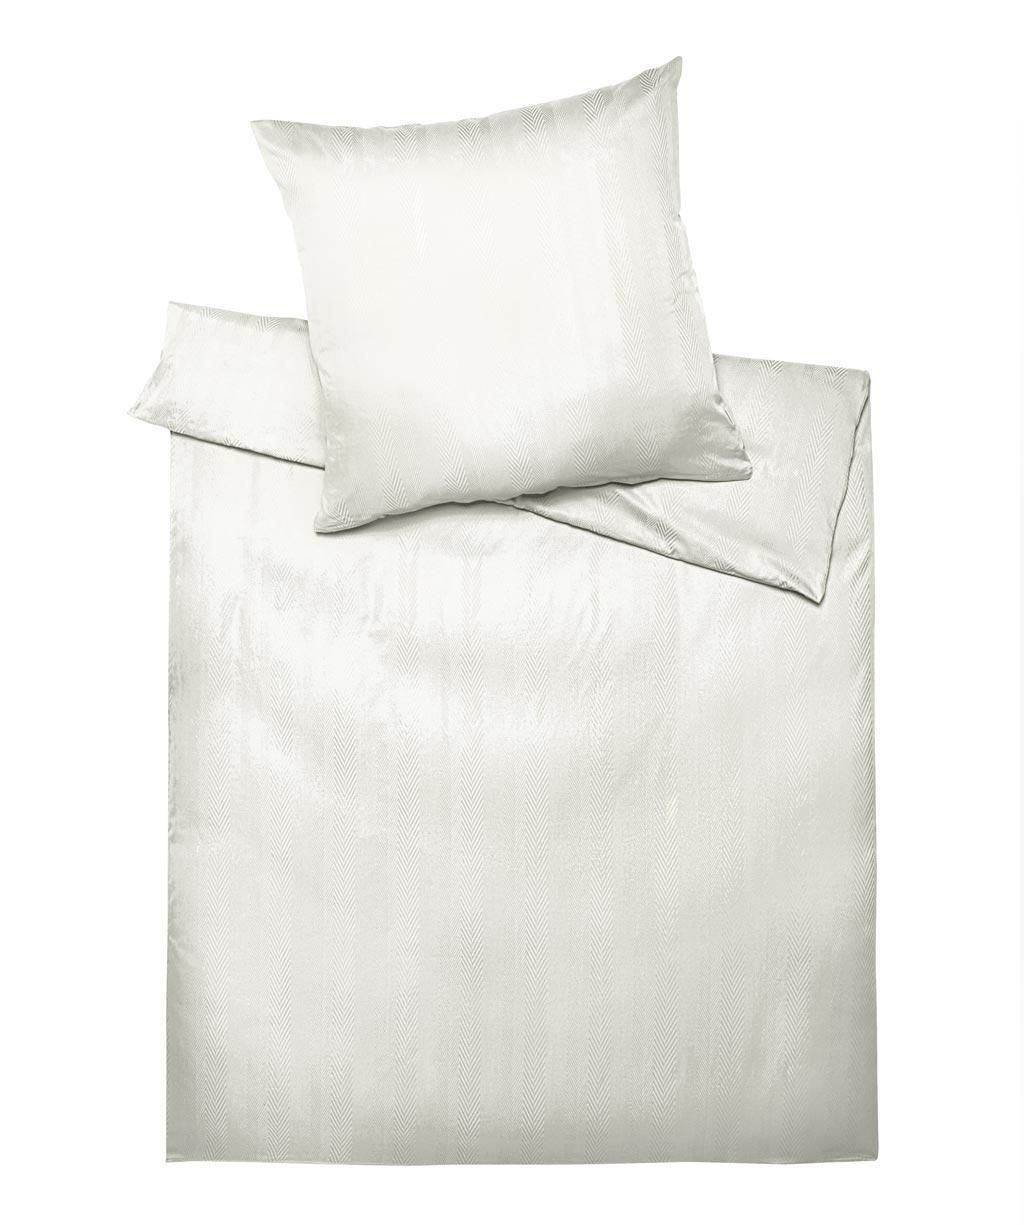 Grafische, weiße Damastbettwäsche mit Zick-Zack-Muster